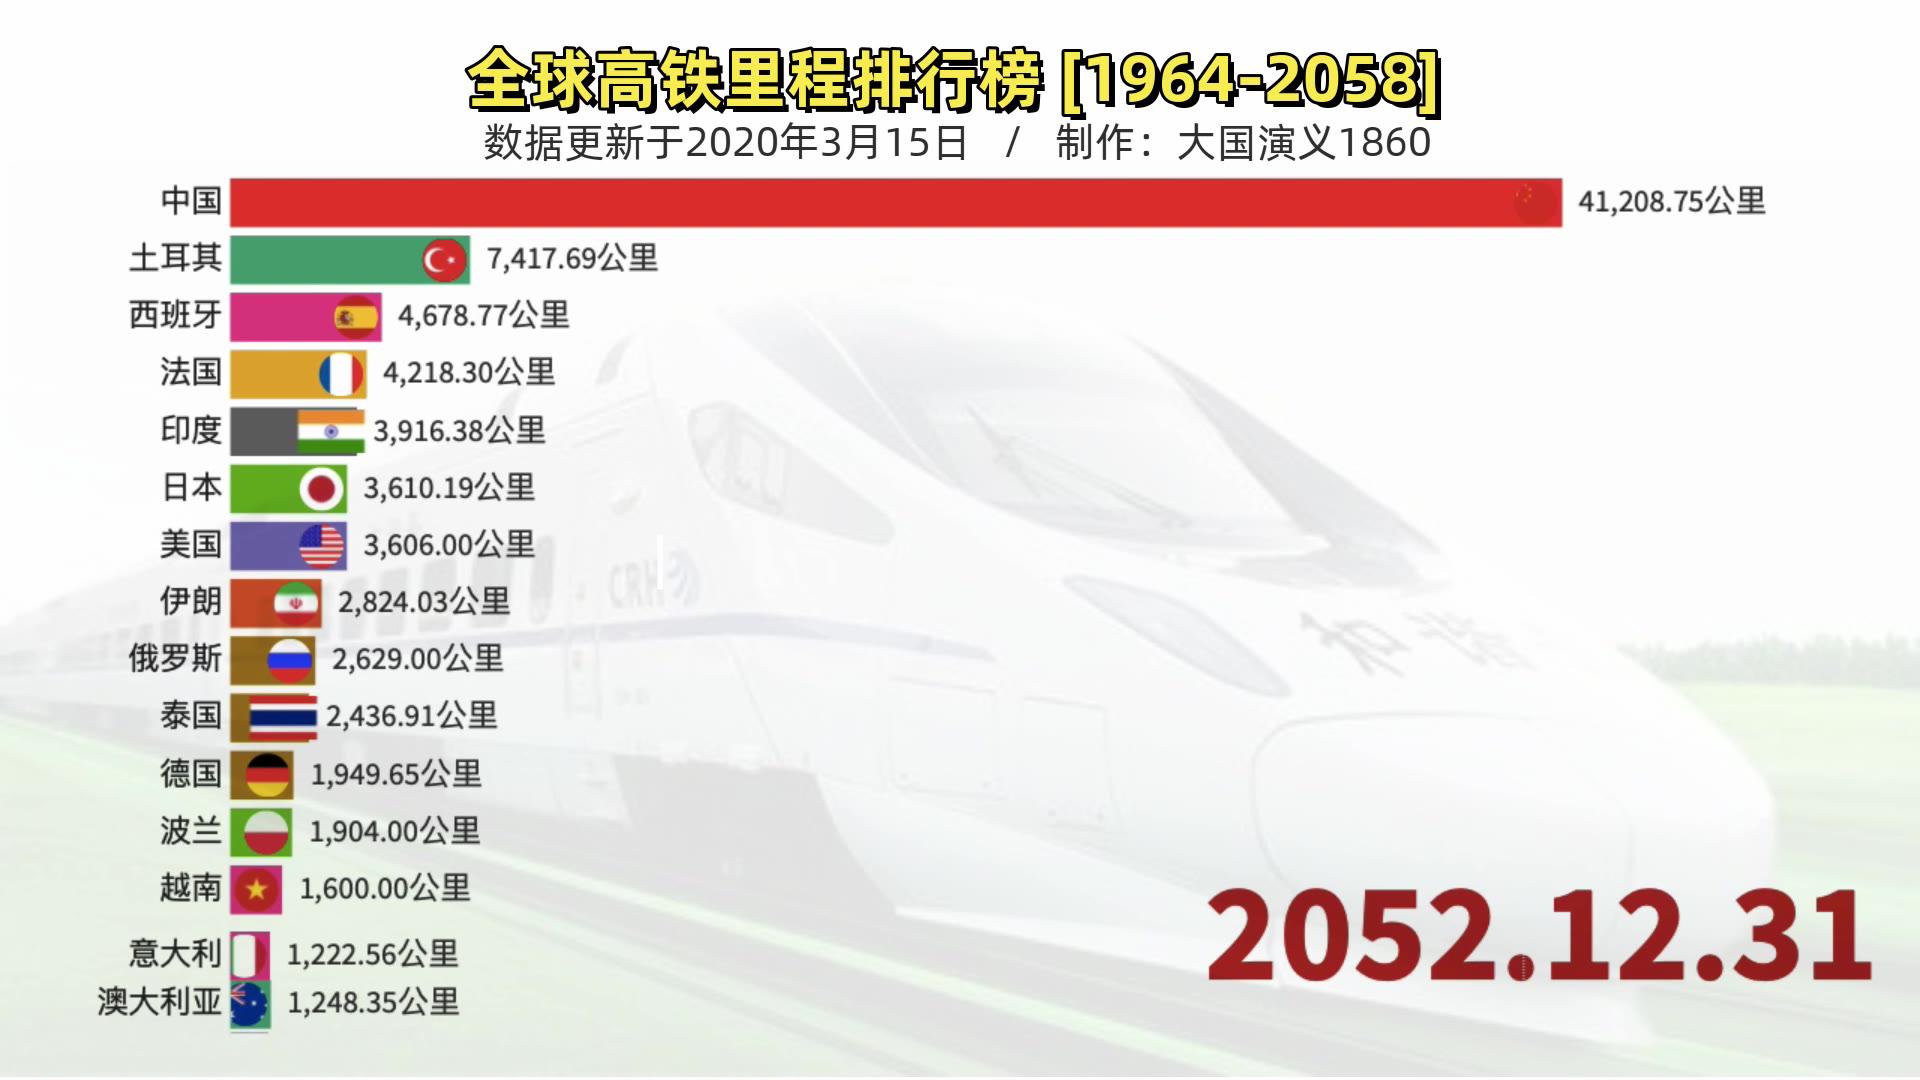 外国网友惊呼:中国从落魄到复兴!1964-2058年全球高铁里程排名~